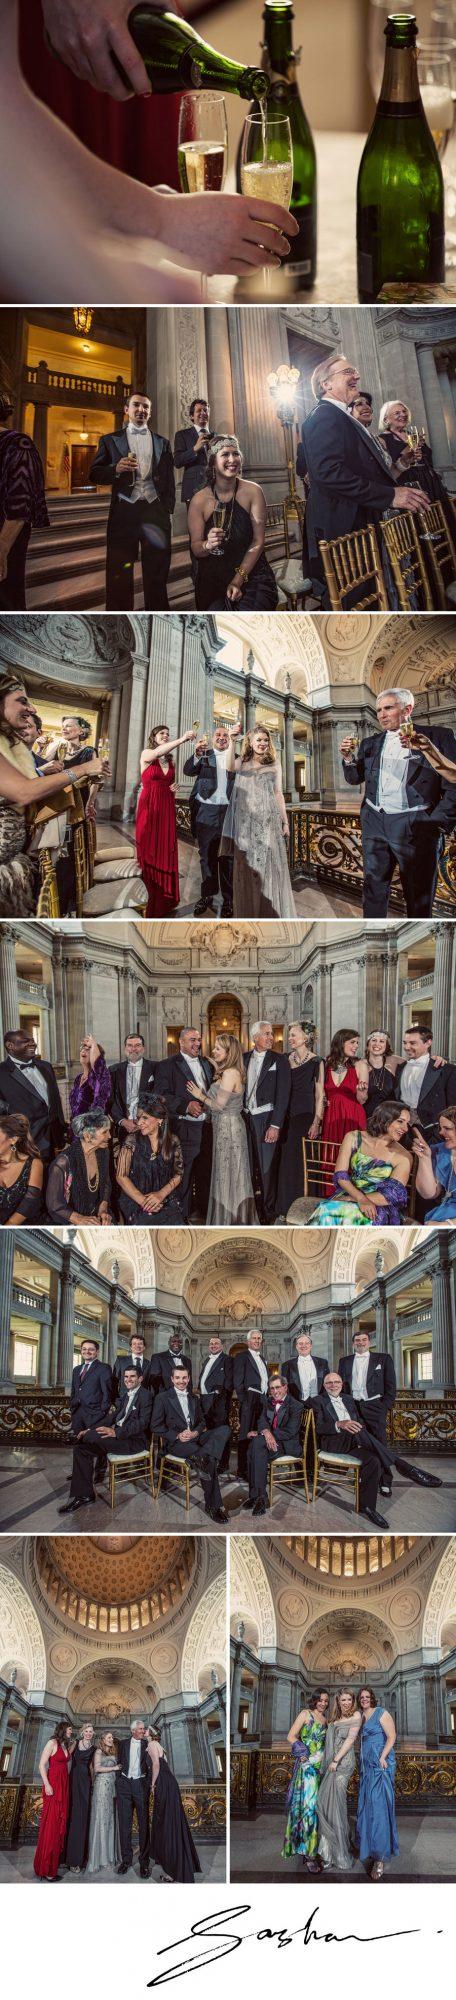 san francisco city hall mayor's balcony wedding